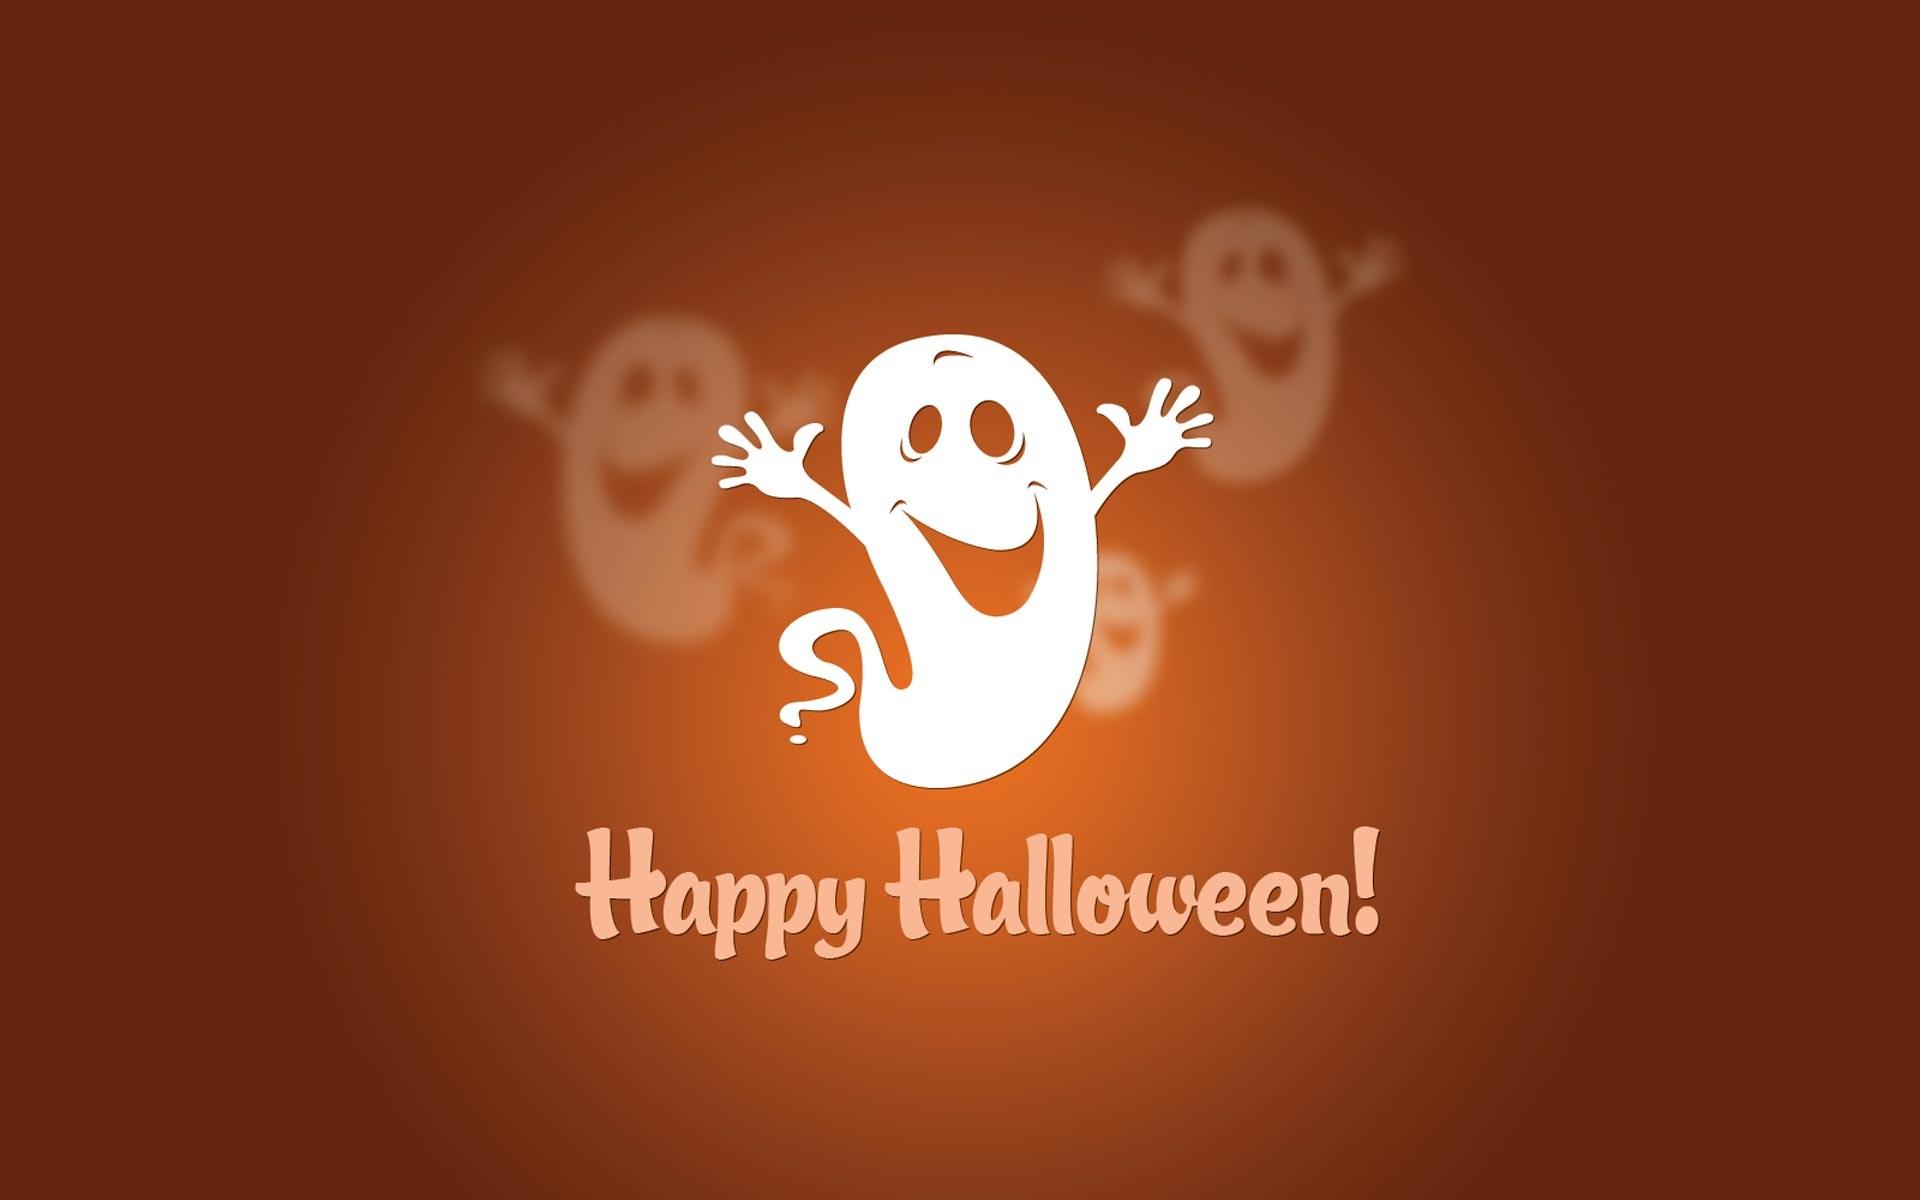 cute halloween wallpaper 15764